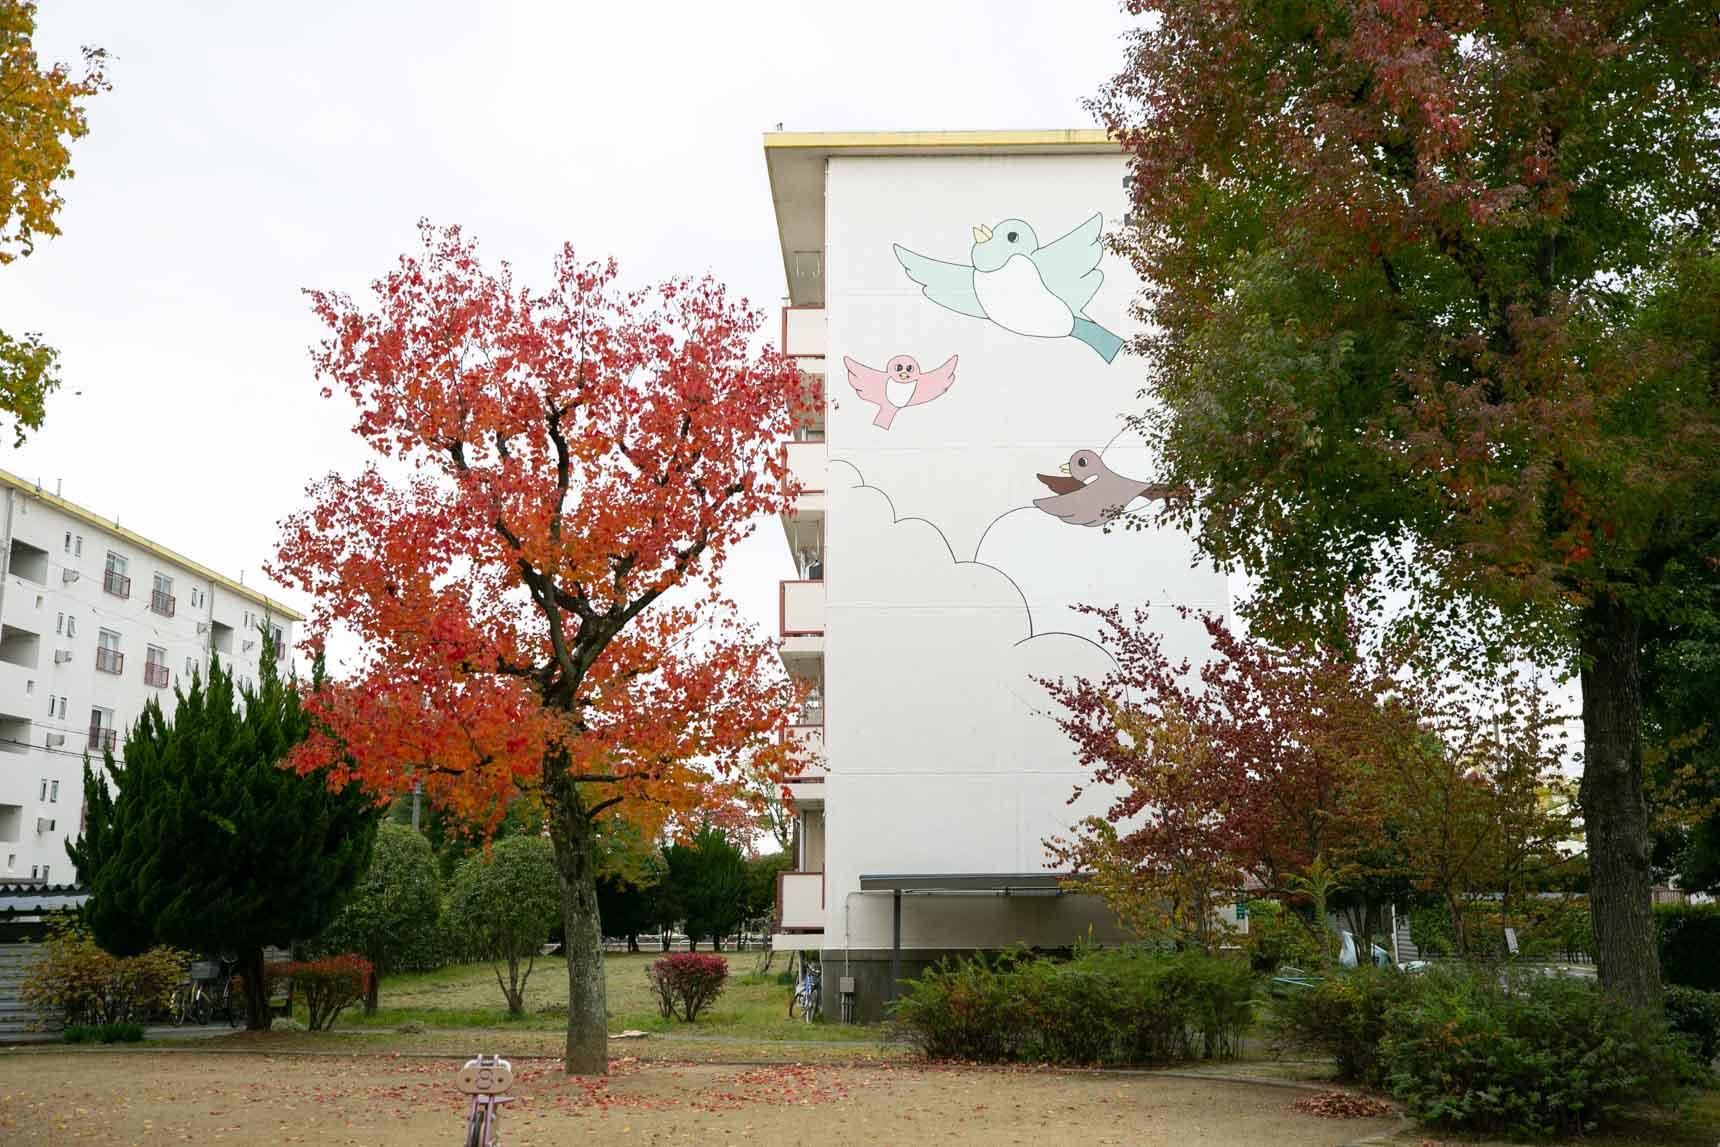 樹々に囲まれるようにして建っている住棟。棟ごとに異なるイラストがとても可愛らしいですね。